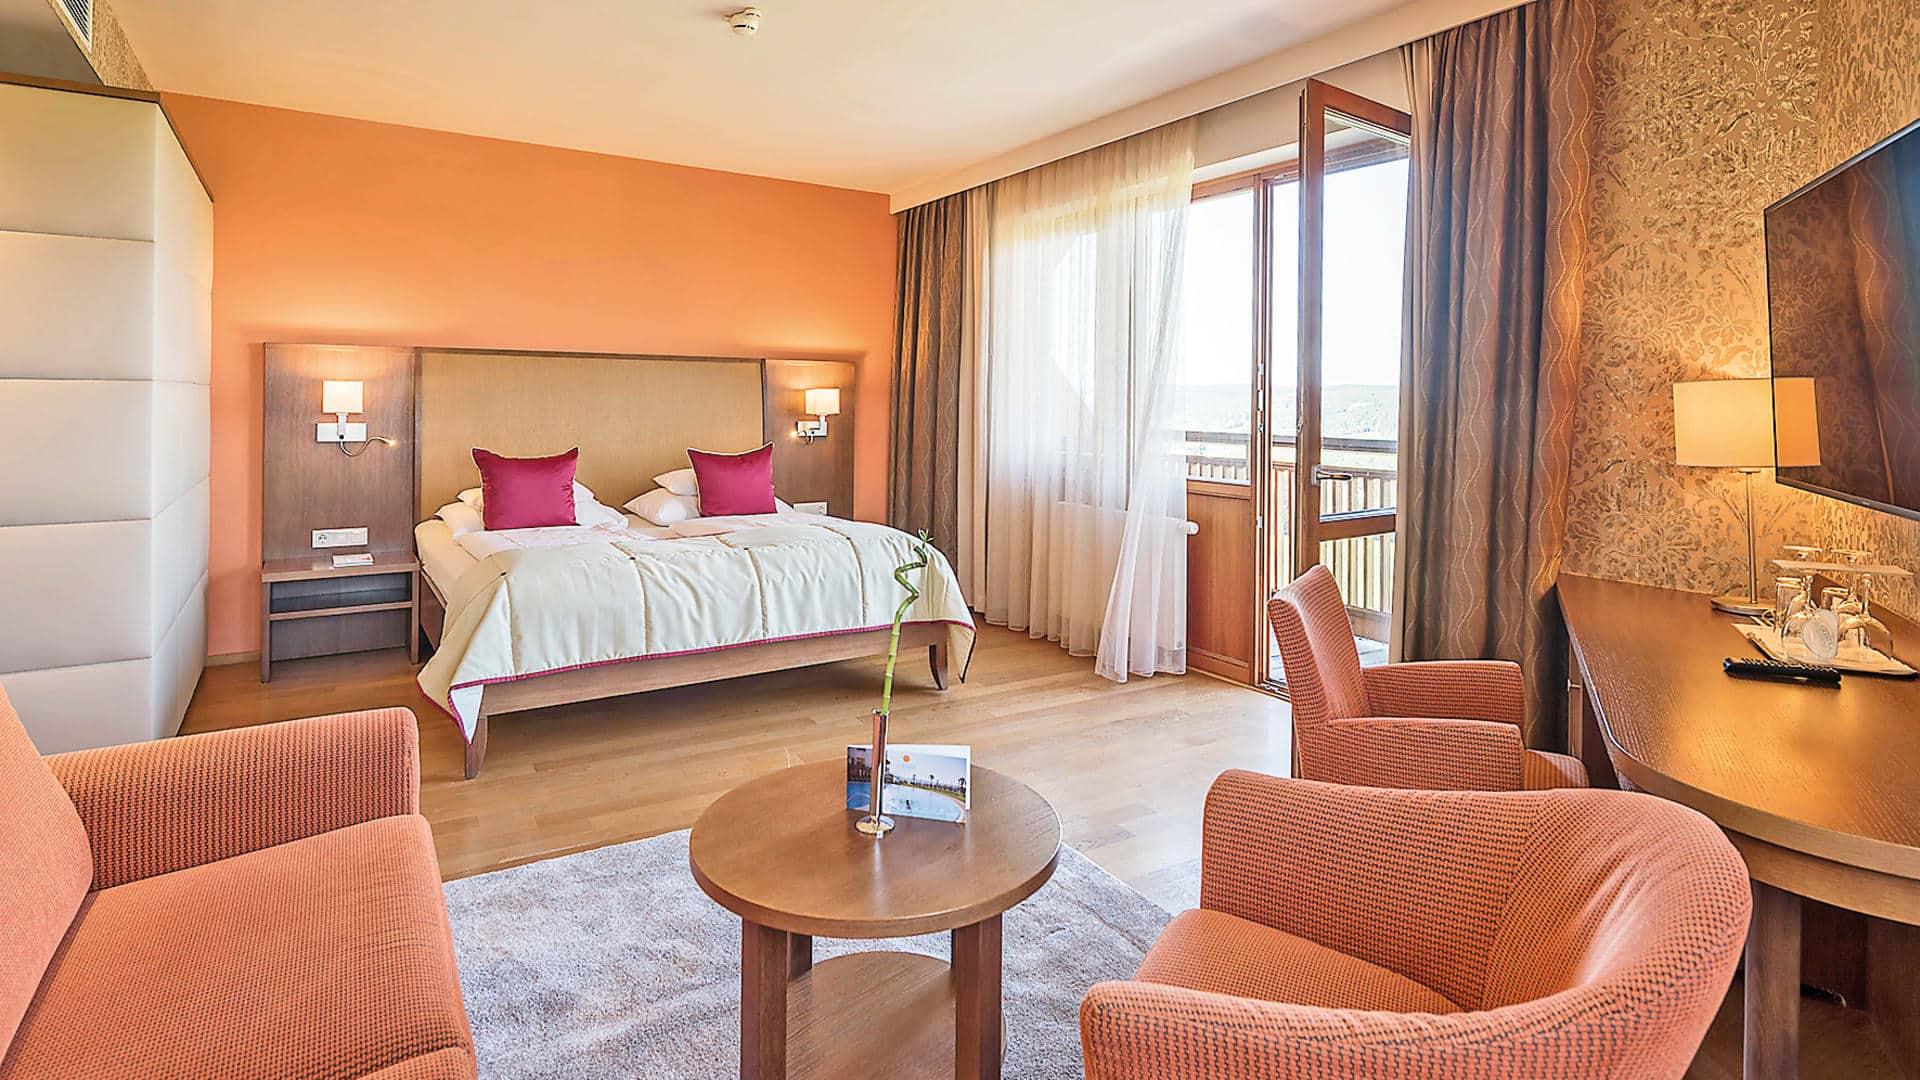 Panorama-Suite Erde im Hotel Larimar